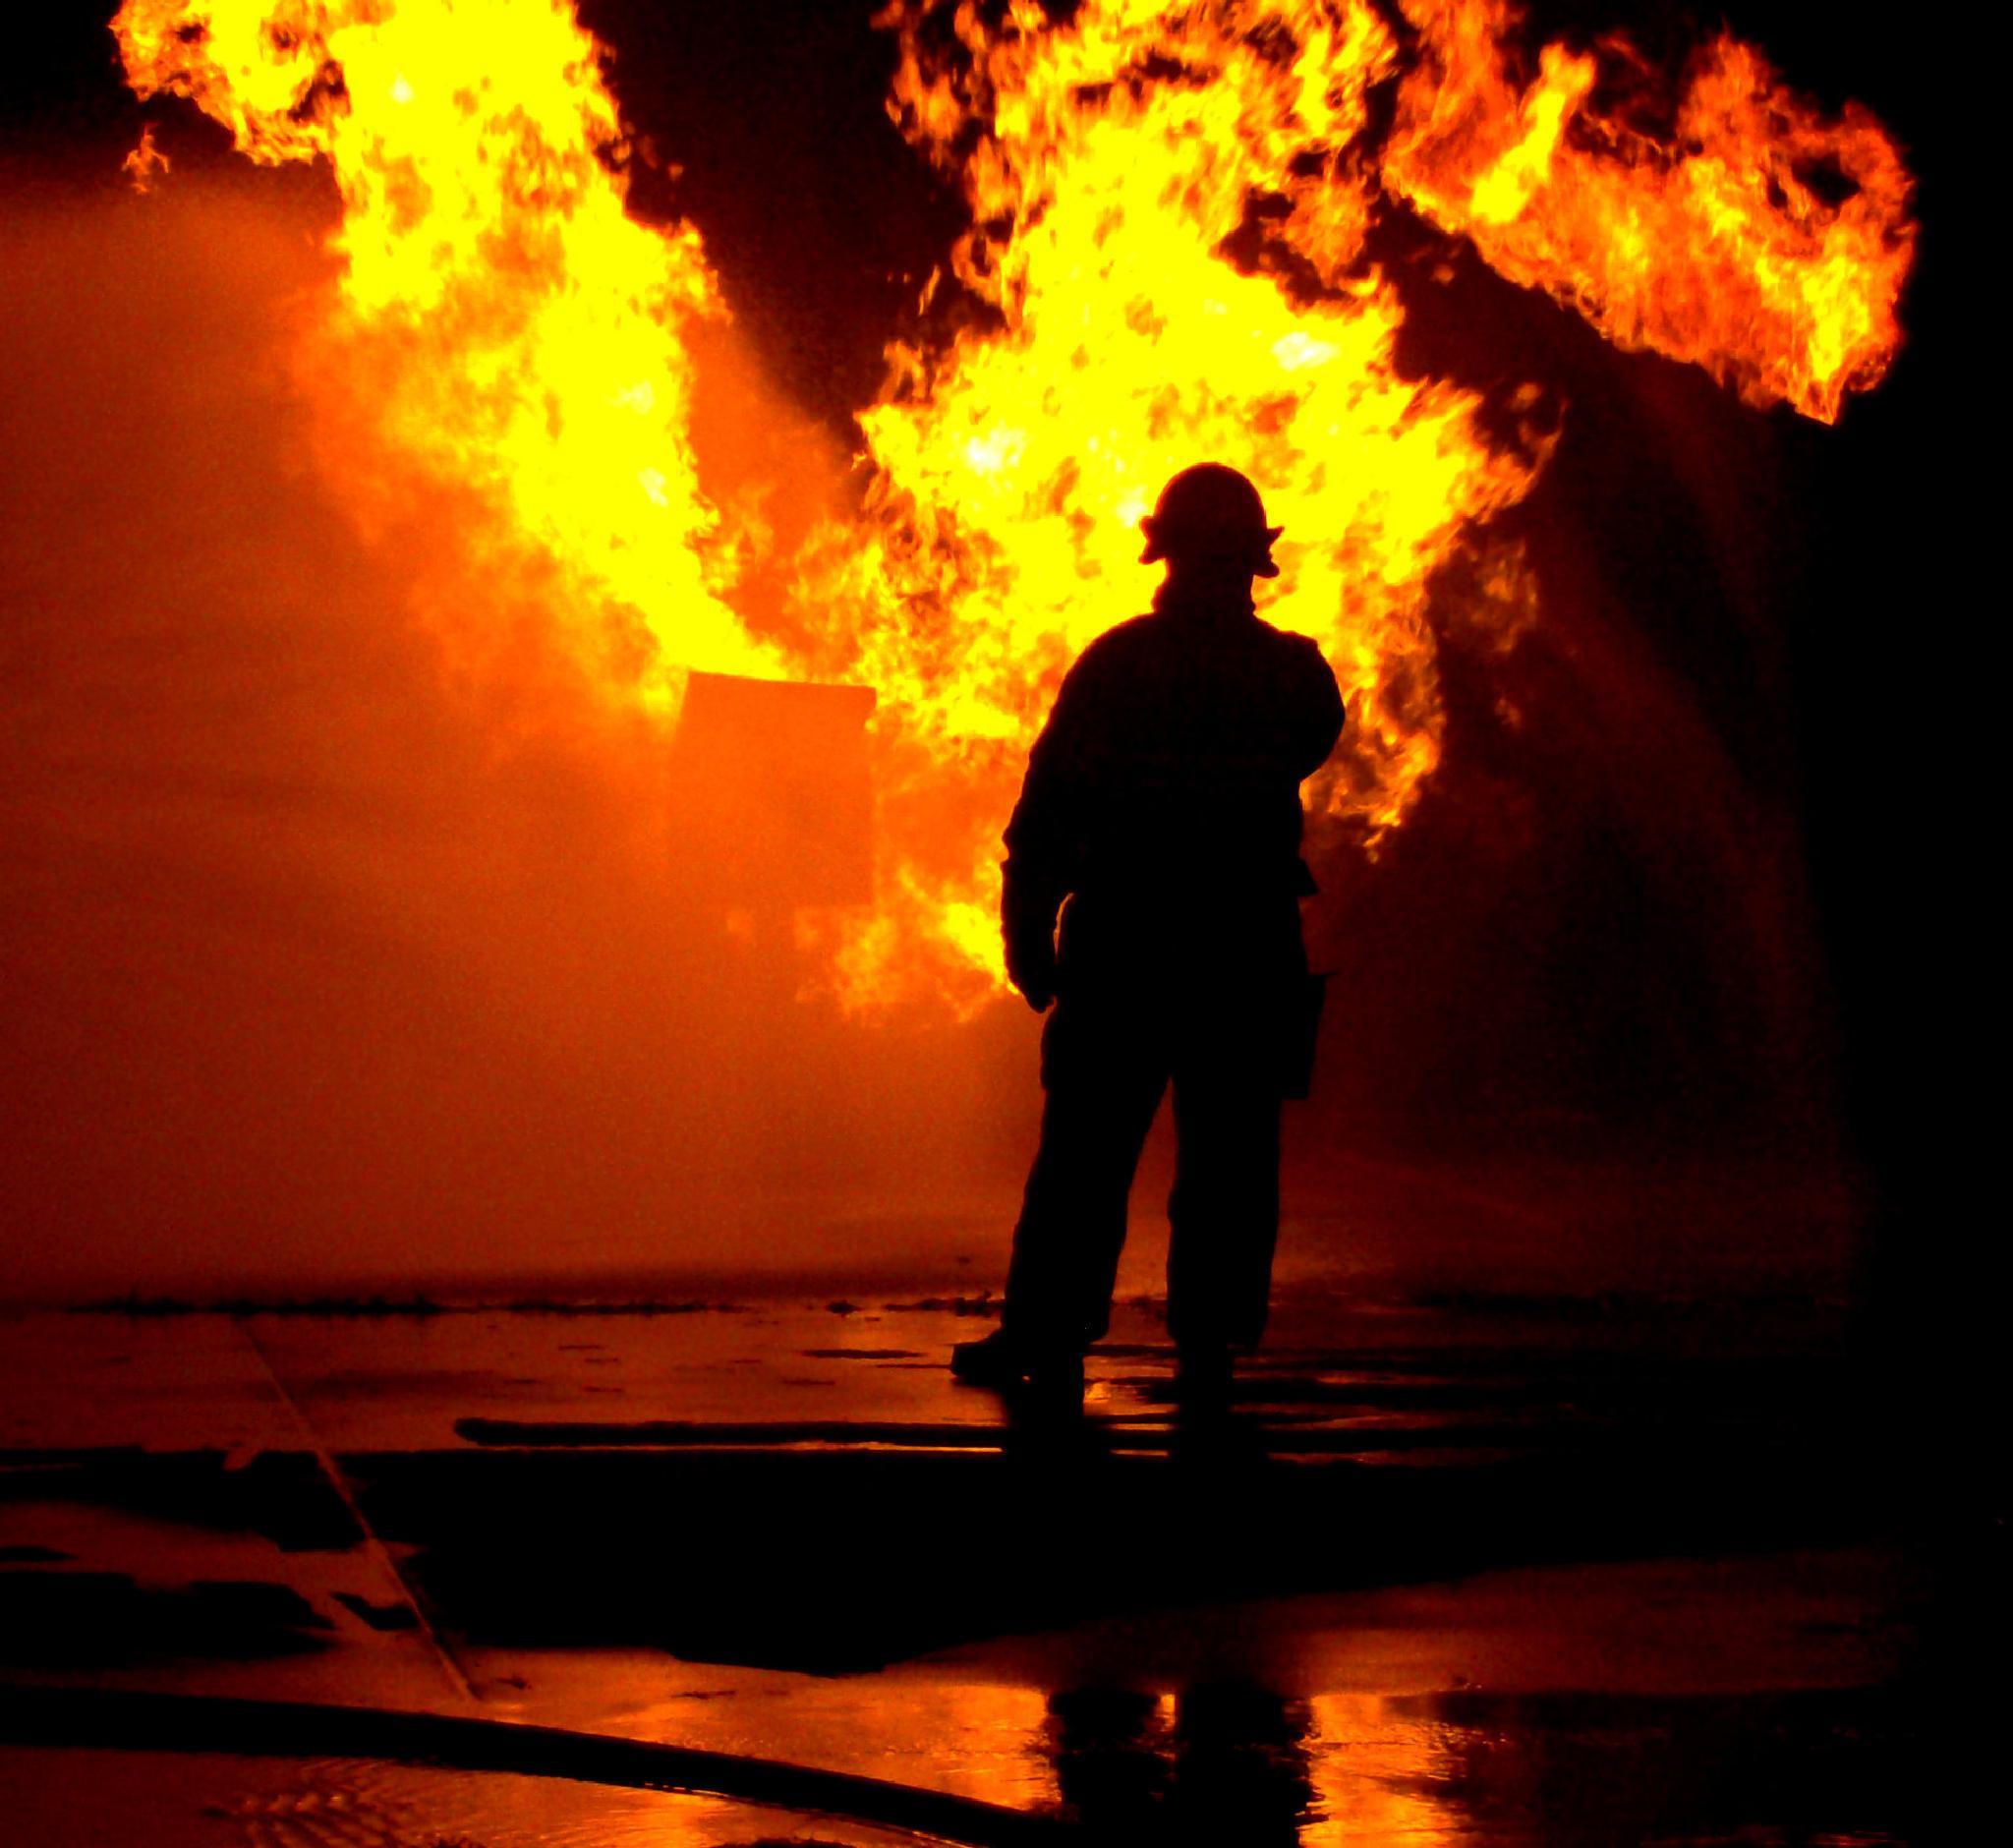 Fire Drill by Catjar